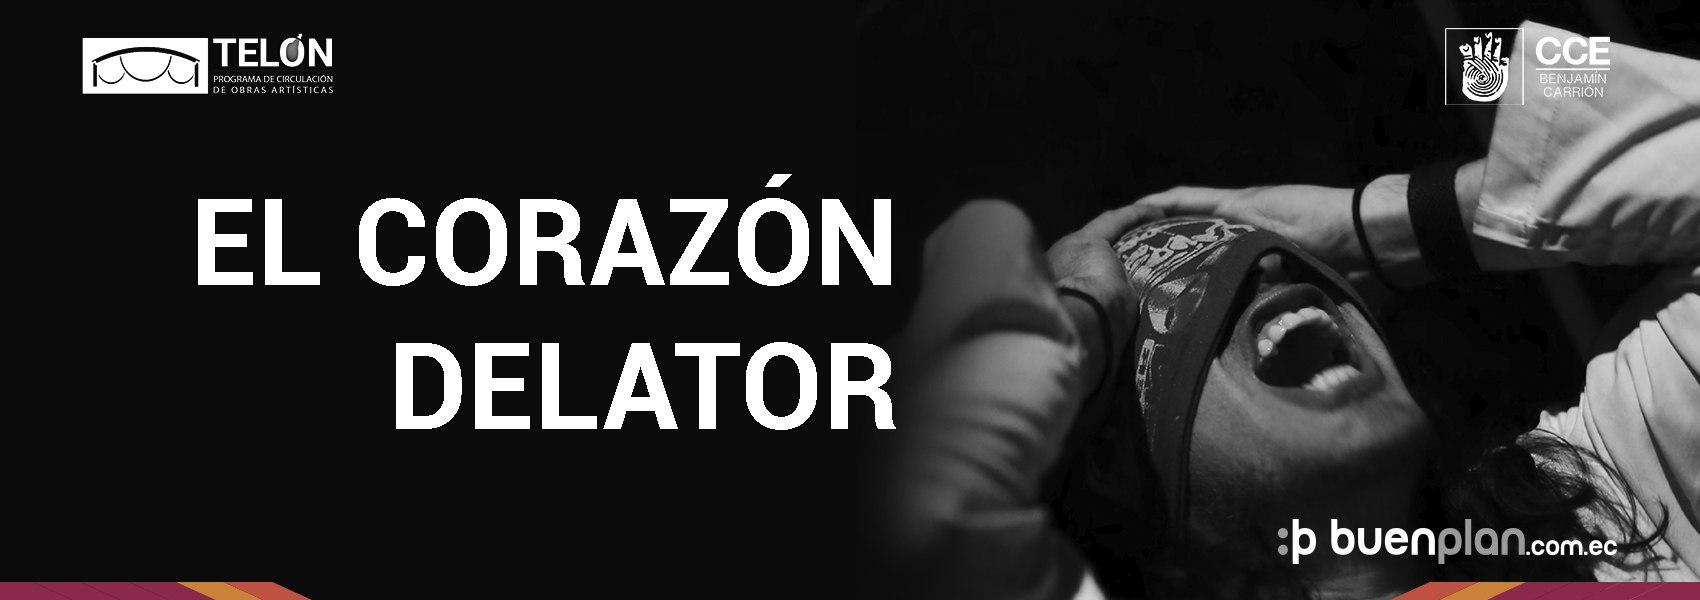 El Corazón Delator - 25 de Abril en Quito, BuenPlan